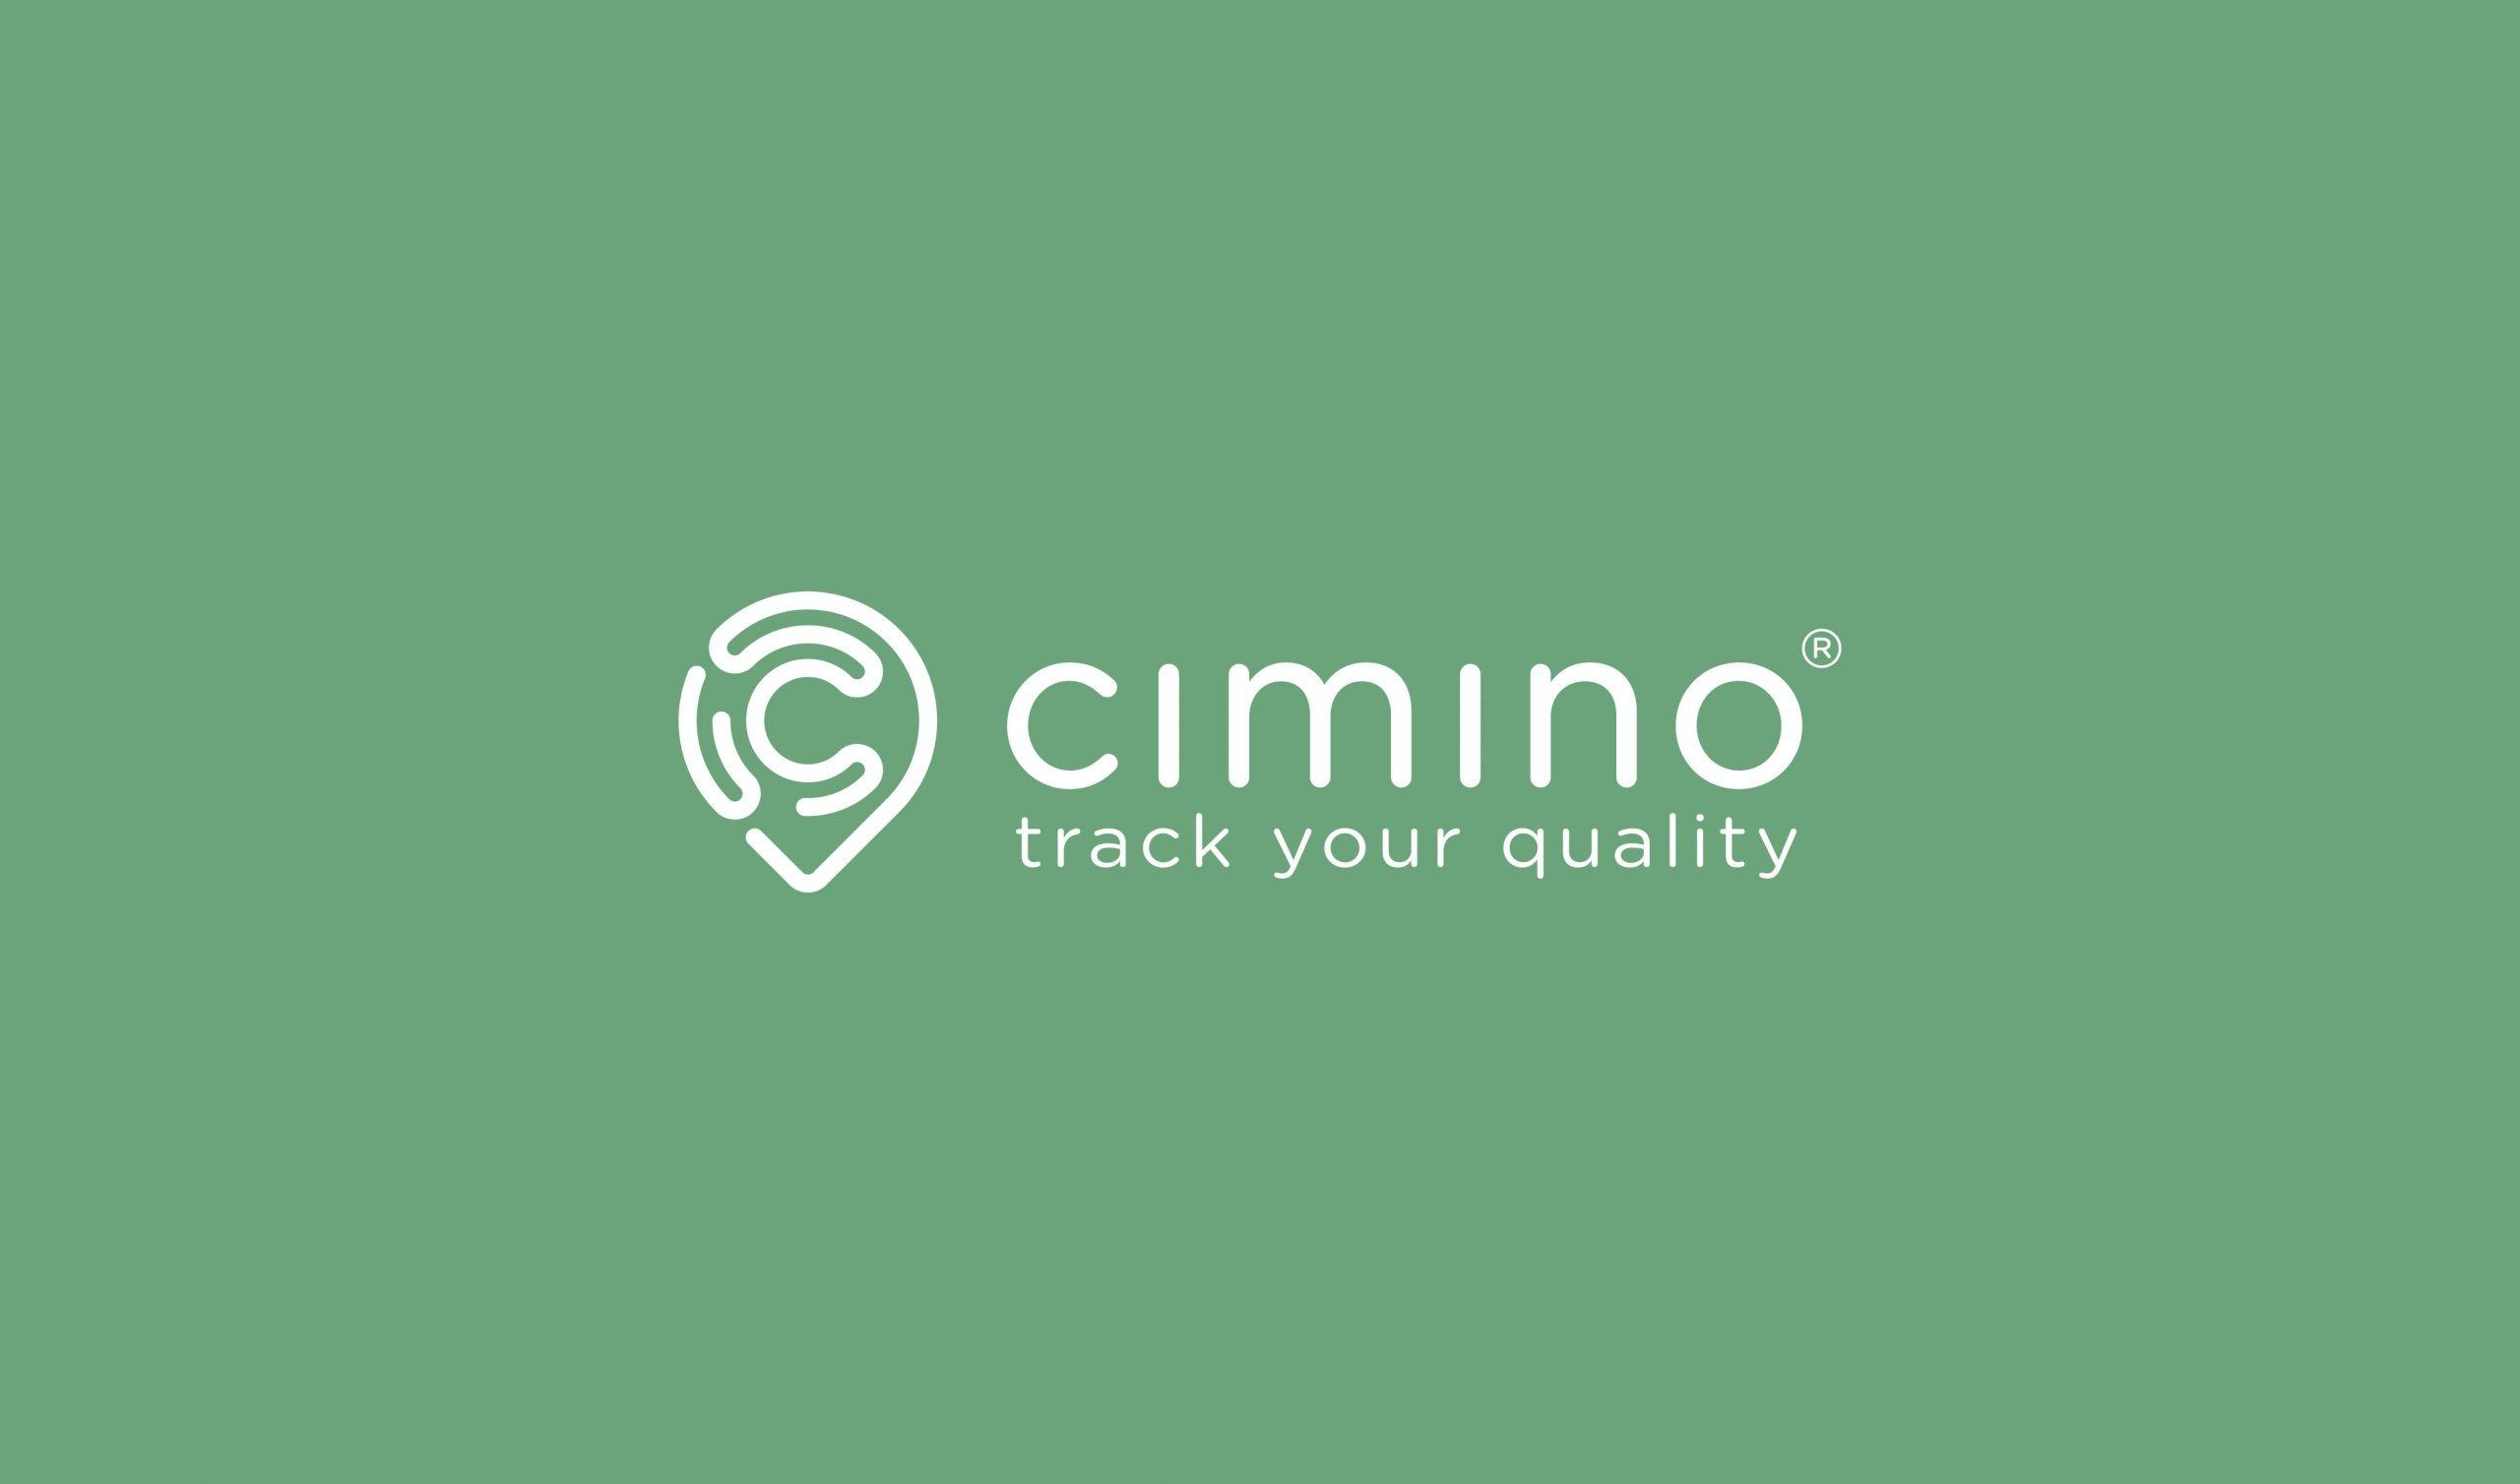 Cimino interfaccia app mobile - Logo su fondo colorato